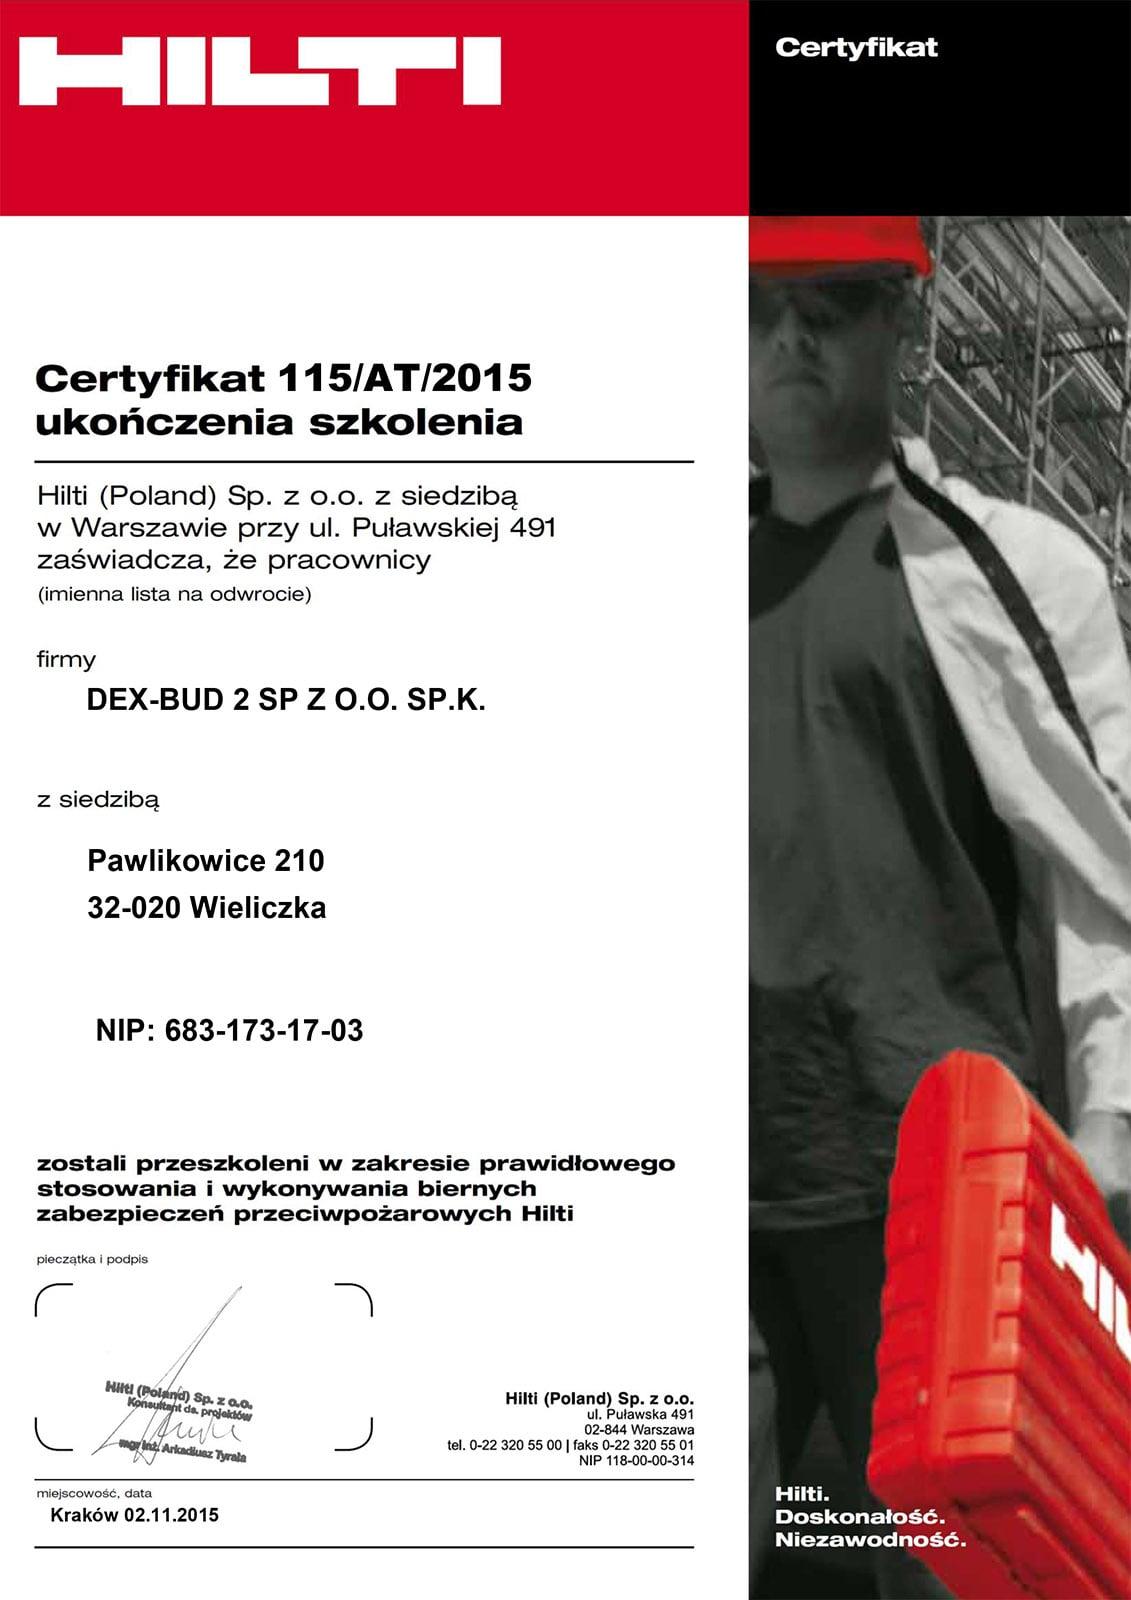 Certyfikat ukończenia szkolenia HILTI - Dex-Bud